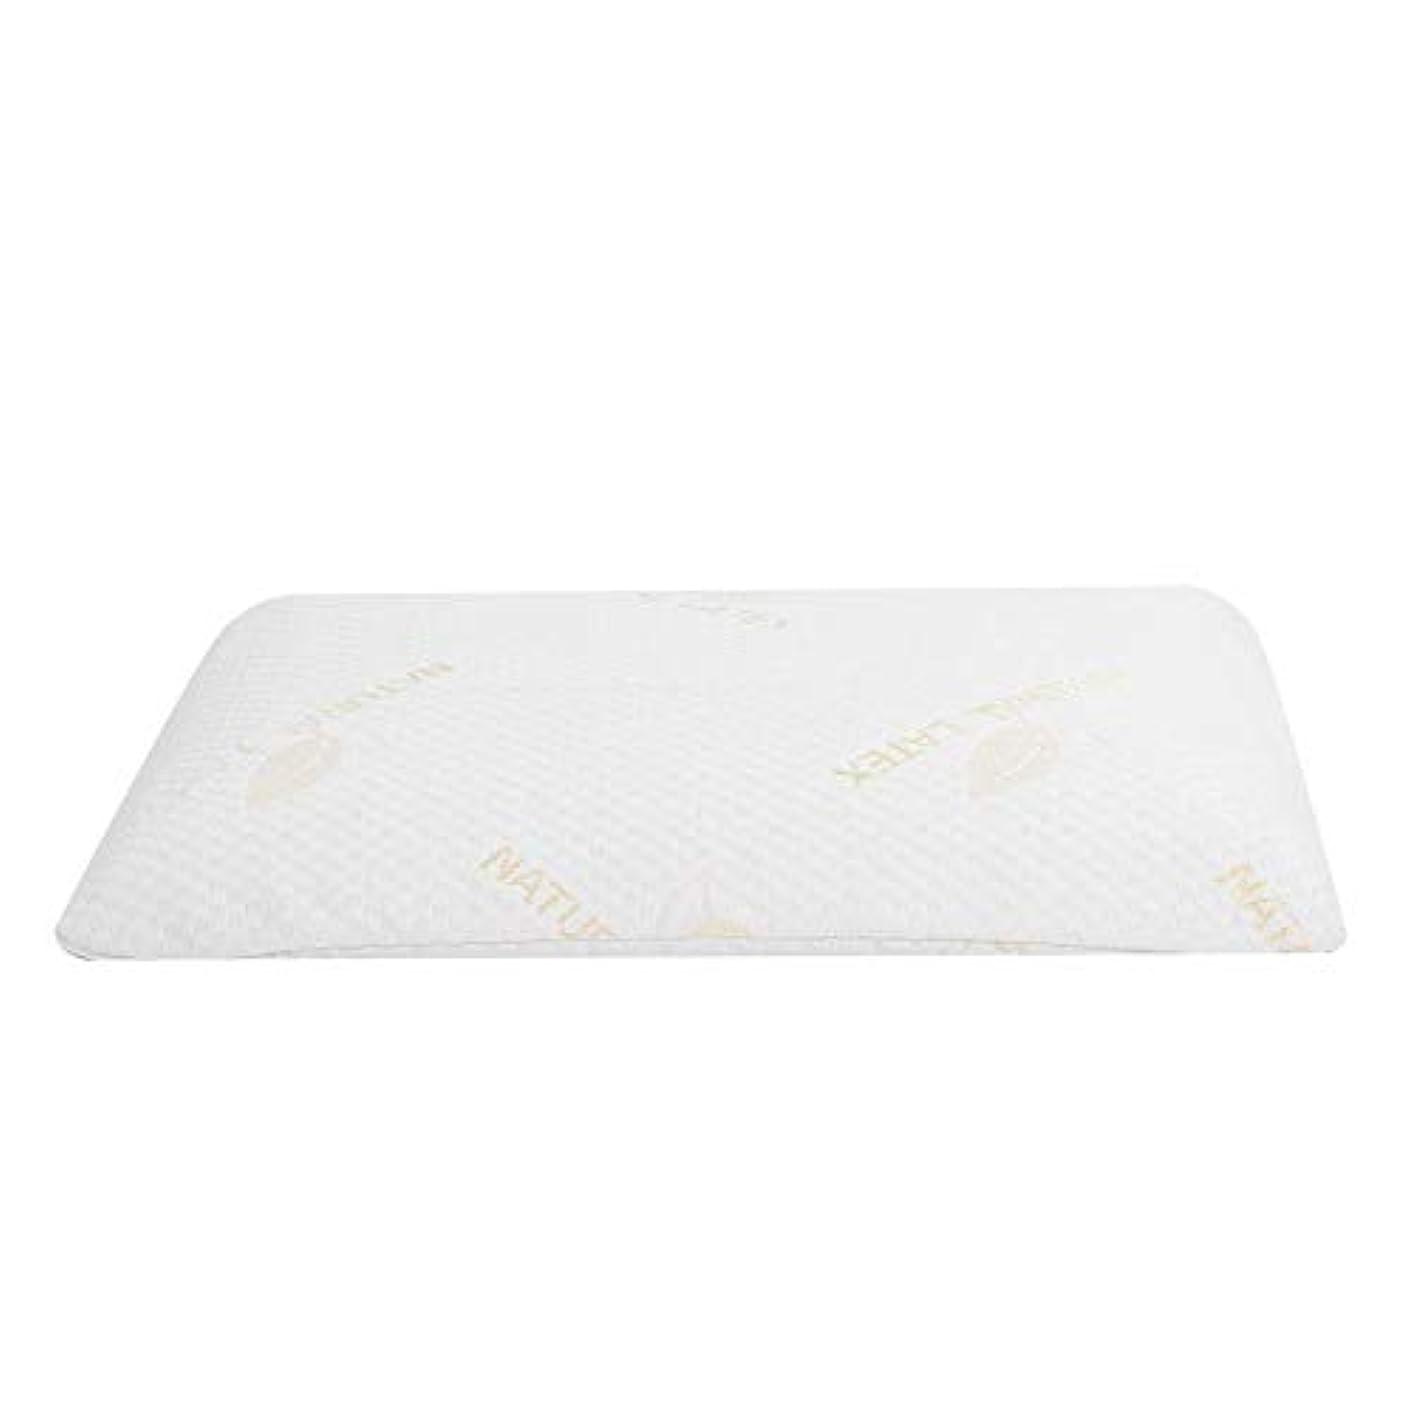 ジョイント膨張する契約ラテックス枕、首と肩の痛みのための睡眠の自然な高い整形外科顆粒マッサージデザインのための豪華な記憶枕